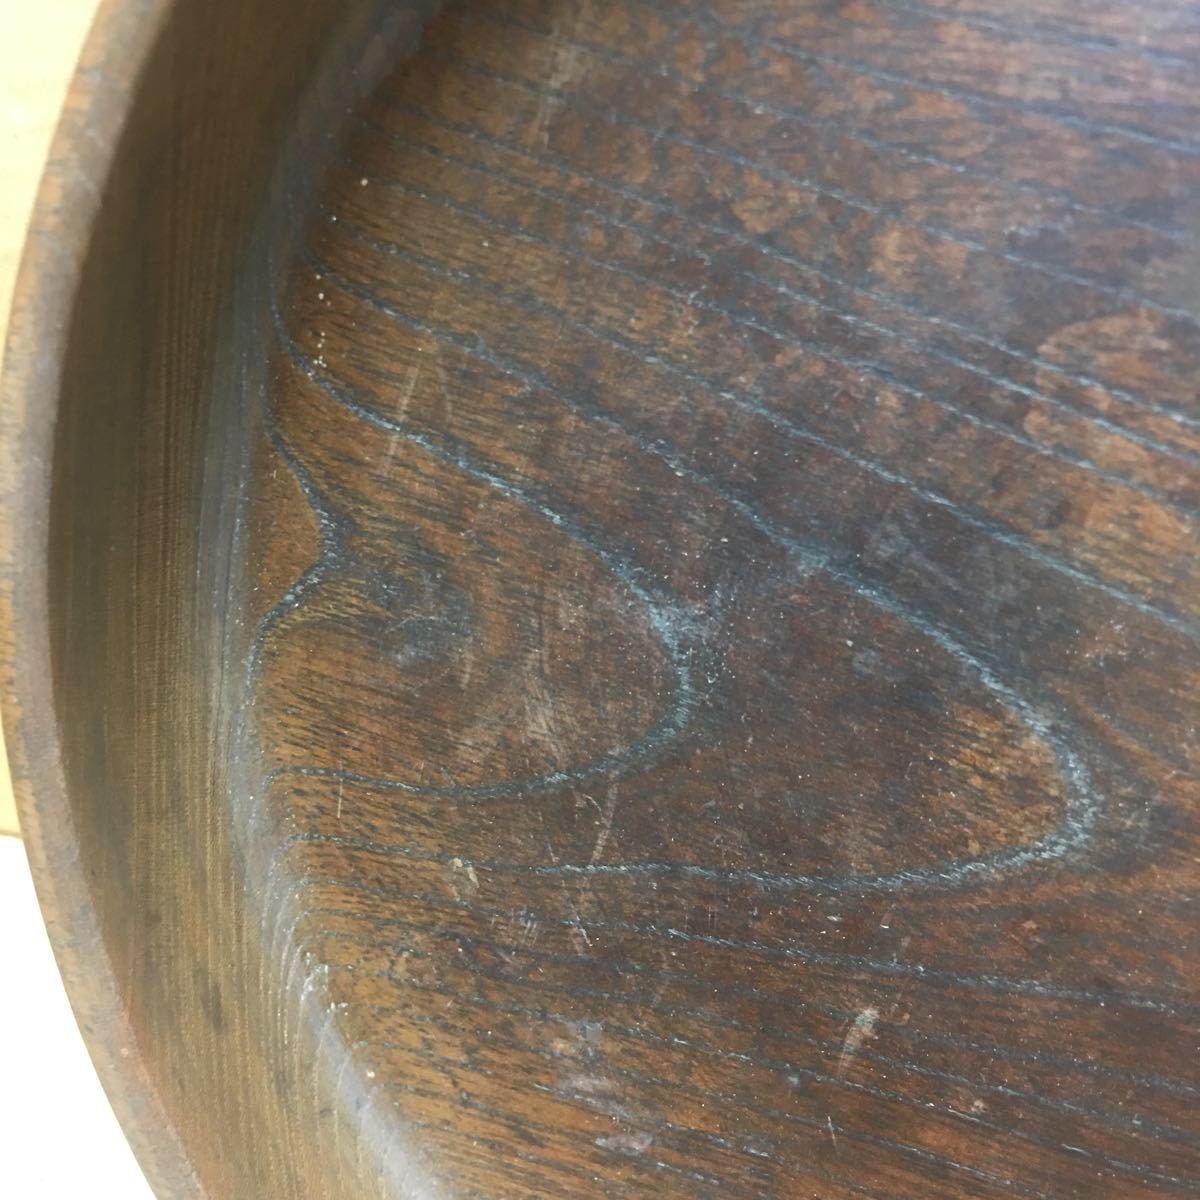 丸盆 煎茶道具 お盆 無垢材木目が美しい煎茶盆 刳り貫き茶盆 時代古民具 古美術 古道具 直径約24cm_画像3